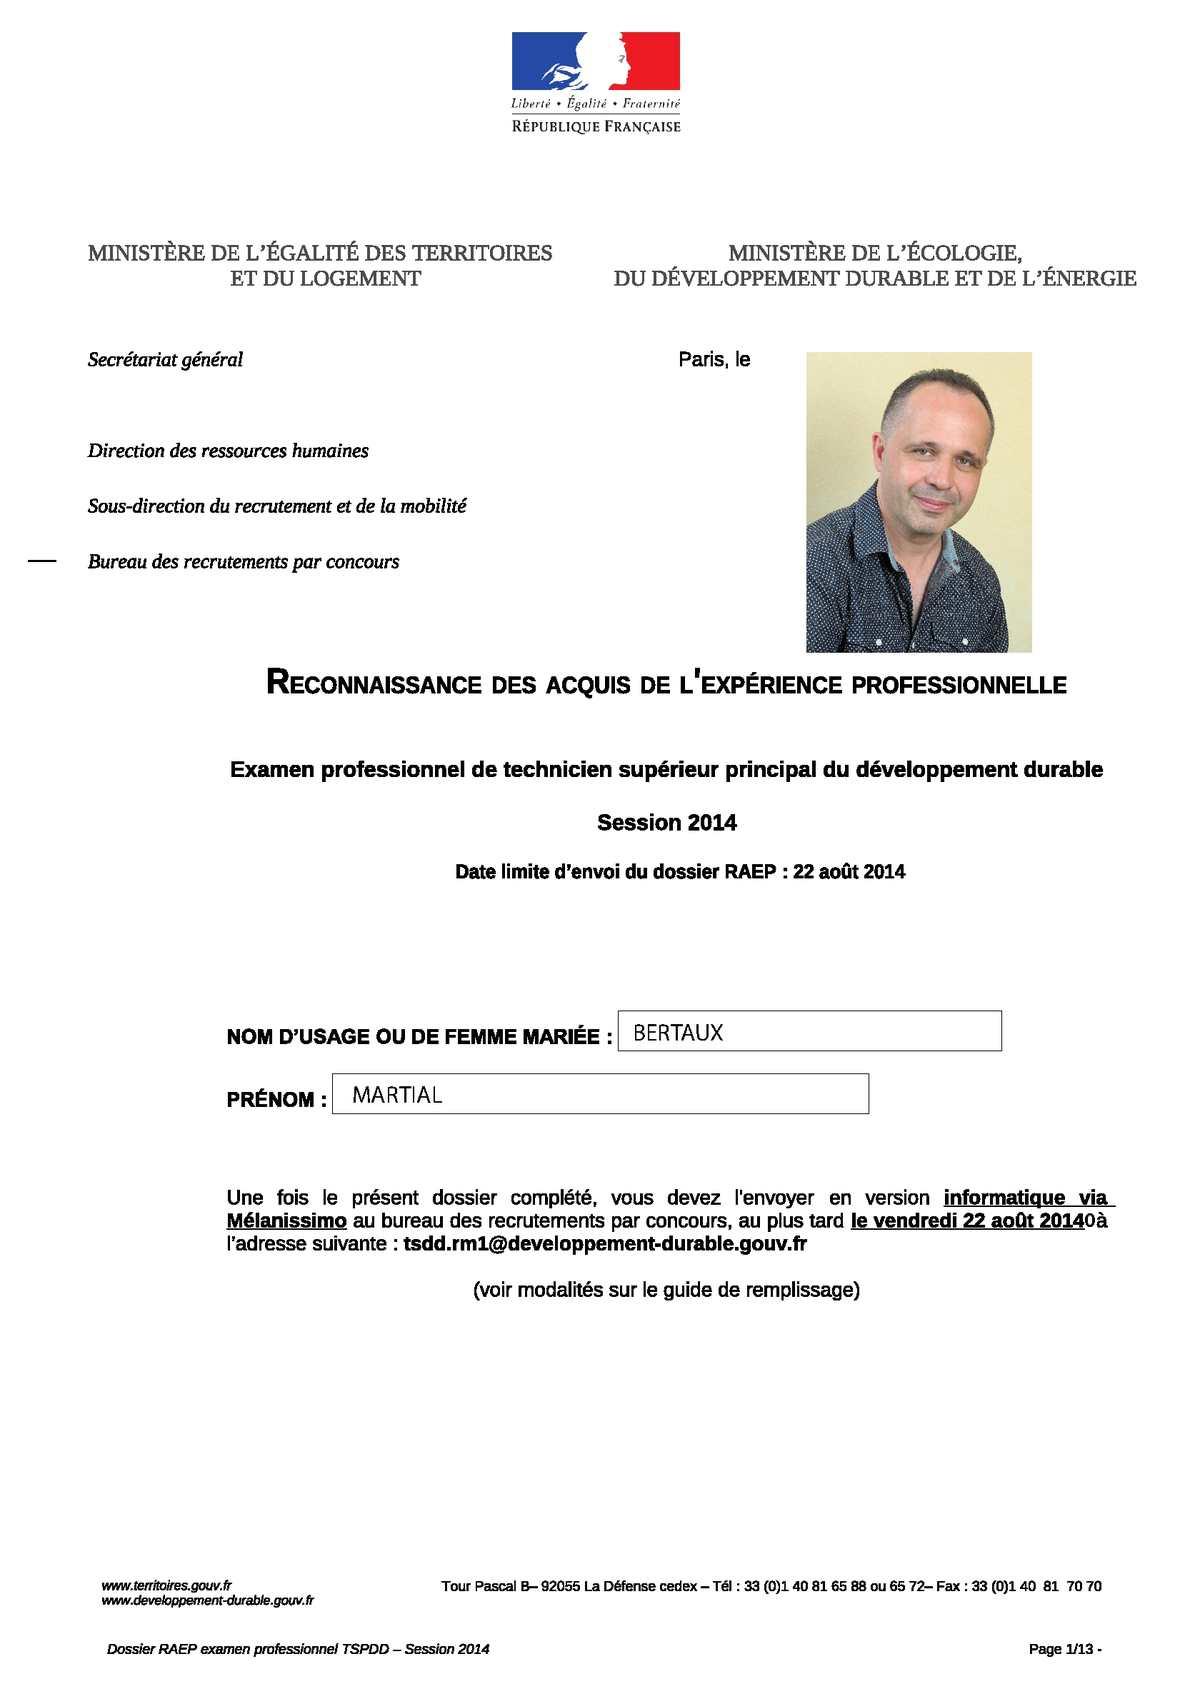 Calamo  RAEP Martial Bertaux 2014